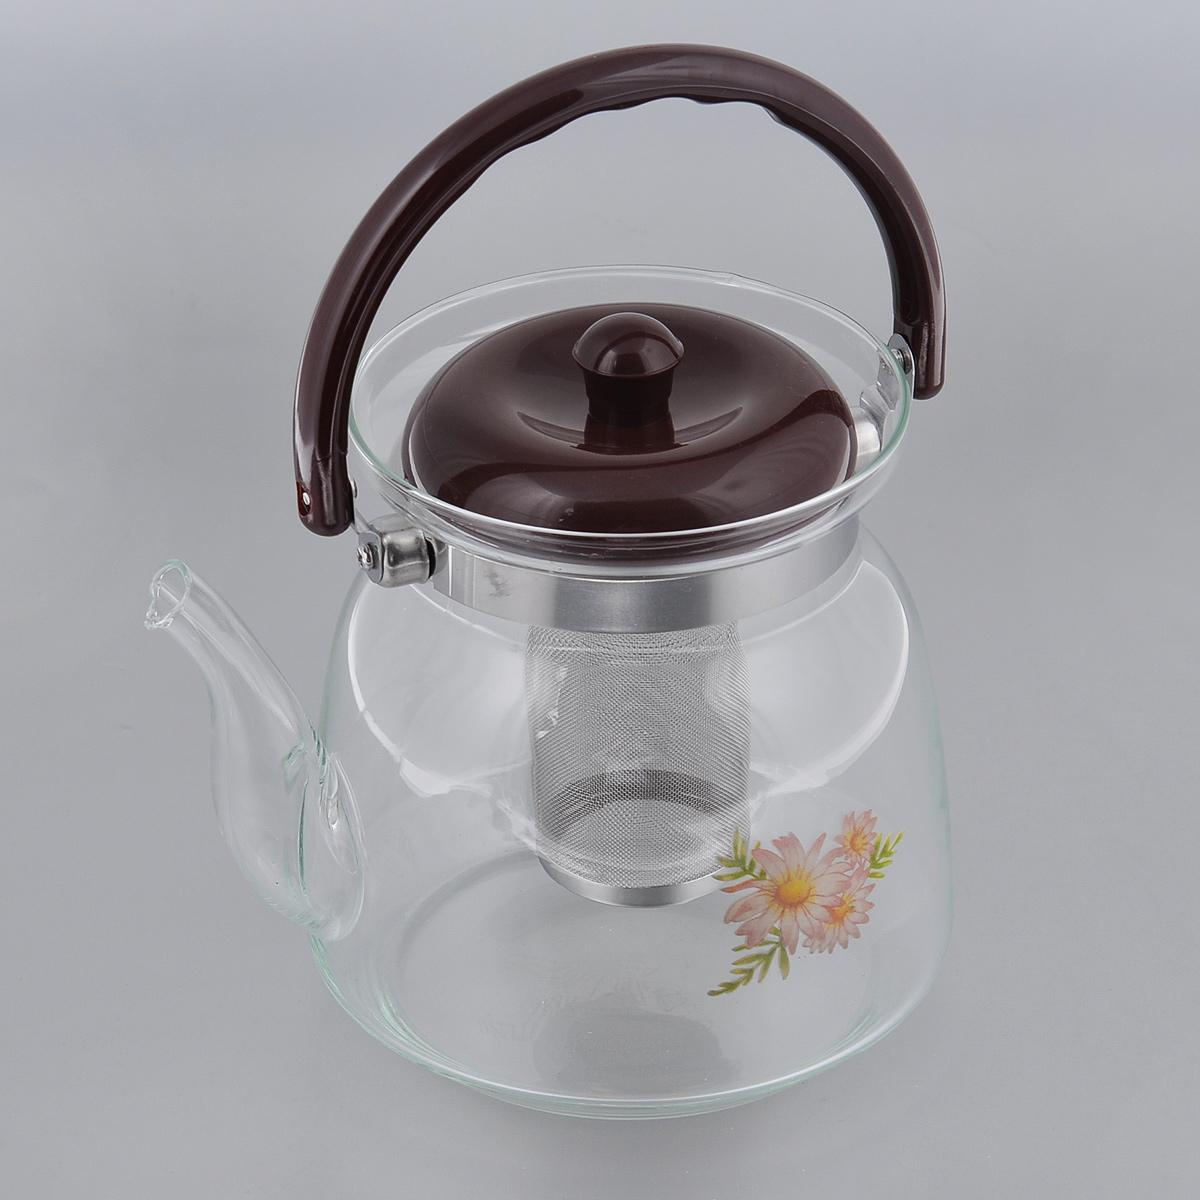 Чайник заварочный Bradex. TK 0038TK 0038Заварочный чайник Bradex выполнен из высокопрочного термостойкого стекла, которое не потрескается даже от перепадов температур. Надежная и прочная крышка выполнена из качественного пластика, устойчивого к повреждениям. Чайник оснащен специальным фильтром, который задерживает чаинки и помогает вам получить на выходе вкусный и чистый ароматный напиток. Также предусмотрена удобная ручка. Благодаря своей конструкции такой чайник одновременно выполняет две функции: сквозь стенки такого чайника можно с легкостью разглядеть консистенцию и крепость завариваемого чая, а также такой вид чайника будет смотреться крайне эстетично на вашем столе. Диаметр чайника (по верхнему краю): 13 см. Высота чайника: 17 см. Высота фильтра: 9 см.